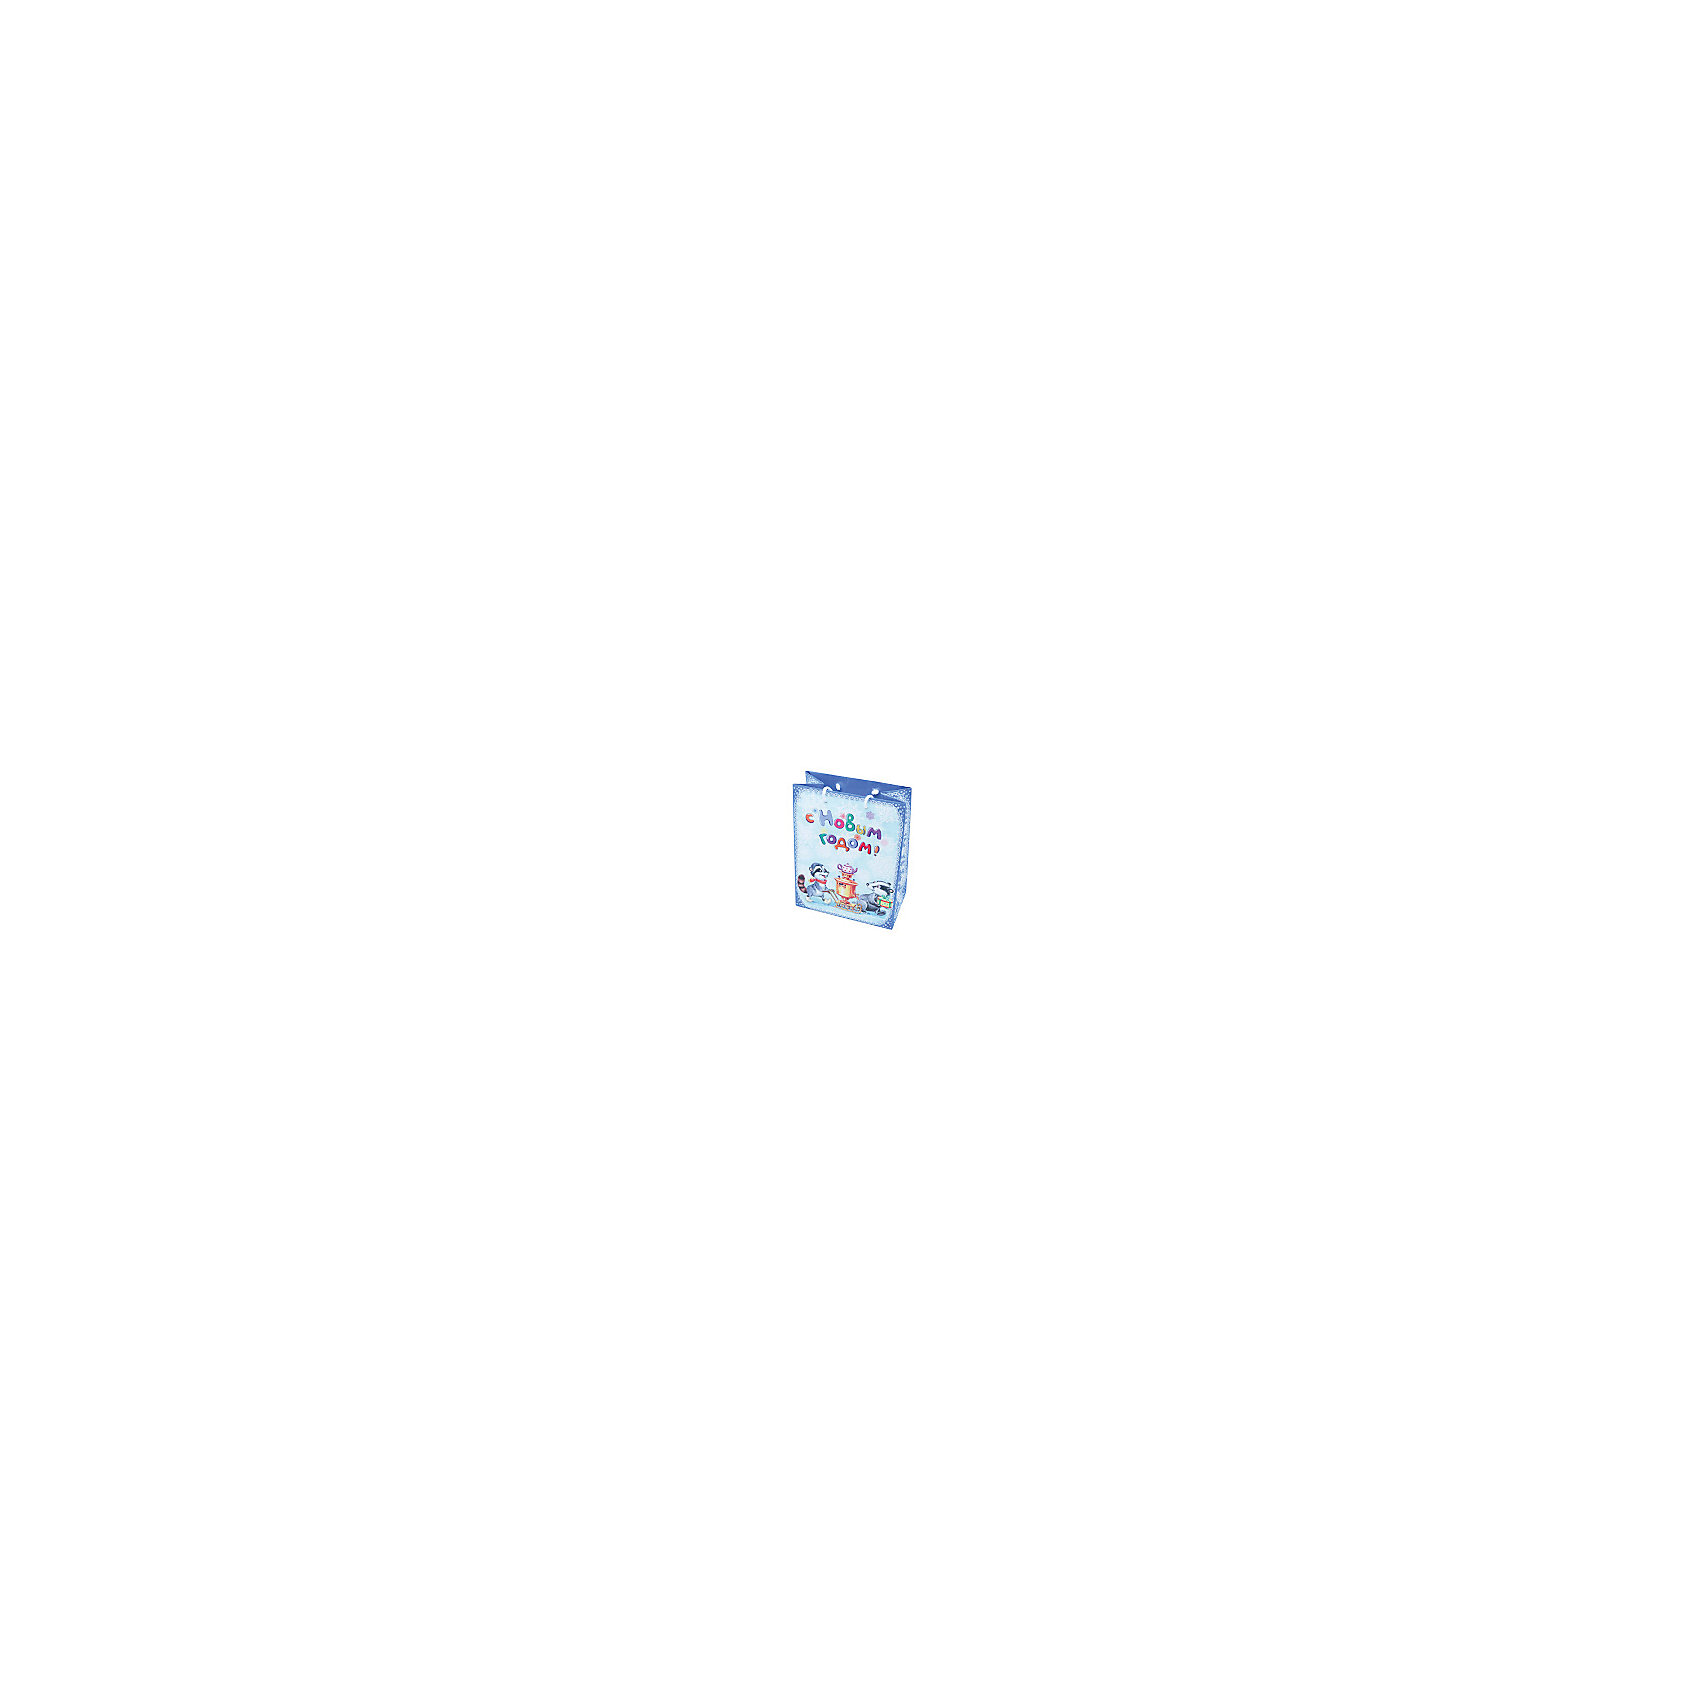 Новогодний бумажный пакет Оранжевая снежинка, размер L (260x324x127),Всё для праздника<br>Характеристики товара:<br><br>• размер: 260 x 324 x 127 мм<br>• комплектация: 1 шт<br>• материал: бумага<br>• плотность: 170 гр/см2<br>• страна производства: Китай<br><br>Новогодний антураж трудно представить без подарков в красивых упаковках! Этот подарочный пакет будет отлично смотреться под ёлкой, он качественно выполнен и нарядно смотрится благодаря яркому рисунку в праздничной тематике. С такой упаковкой подарок будет и дарить и принимать приятнее!<br>Такие небольшие детали и создают праздник! От них во многом зависит хорошее новогоднее настроение. Изделие производится из качественных сертифицированных материалов, безопасных даже для самых маленьких.<br><br>Новогодний бумажный пакет Оранжевая снежинка, размер L (260x324x127), можно купить в нашем интернет-магазине.<br><br>Ширина мм: 260<br>Глубина мм: 324<br>Высота мм: 4<br>Вес г: 170<br>Возраст от месяцев: 72<br>Возраст до месяцев: 480<br>Пол: Унисекс<br>Возраст: Детский<br>SKU: 5051698